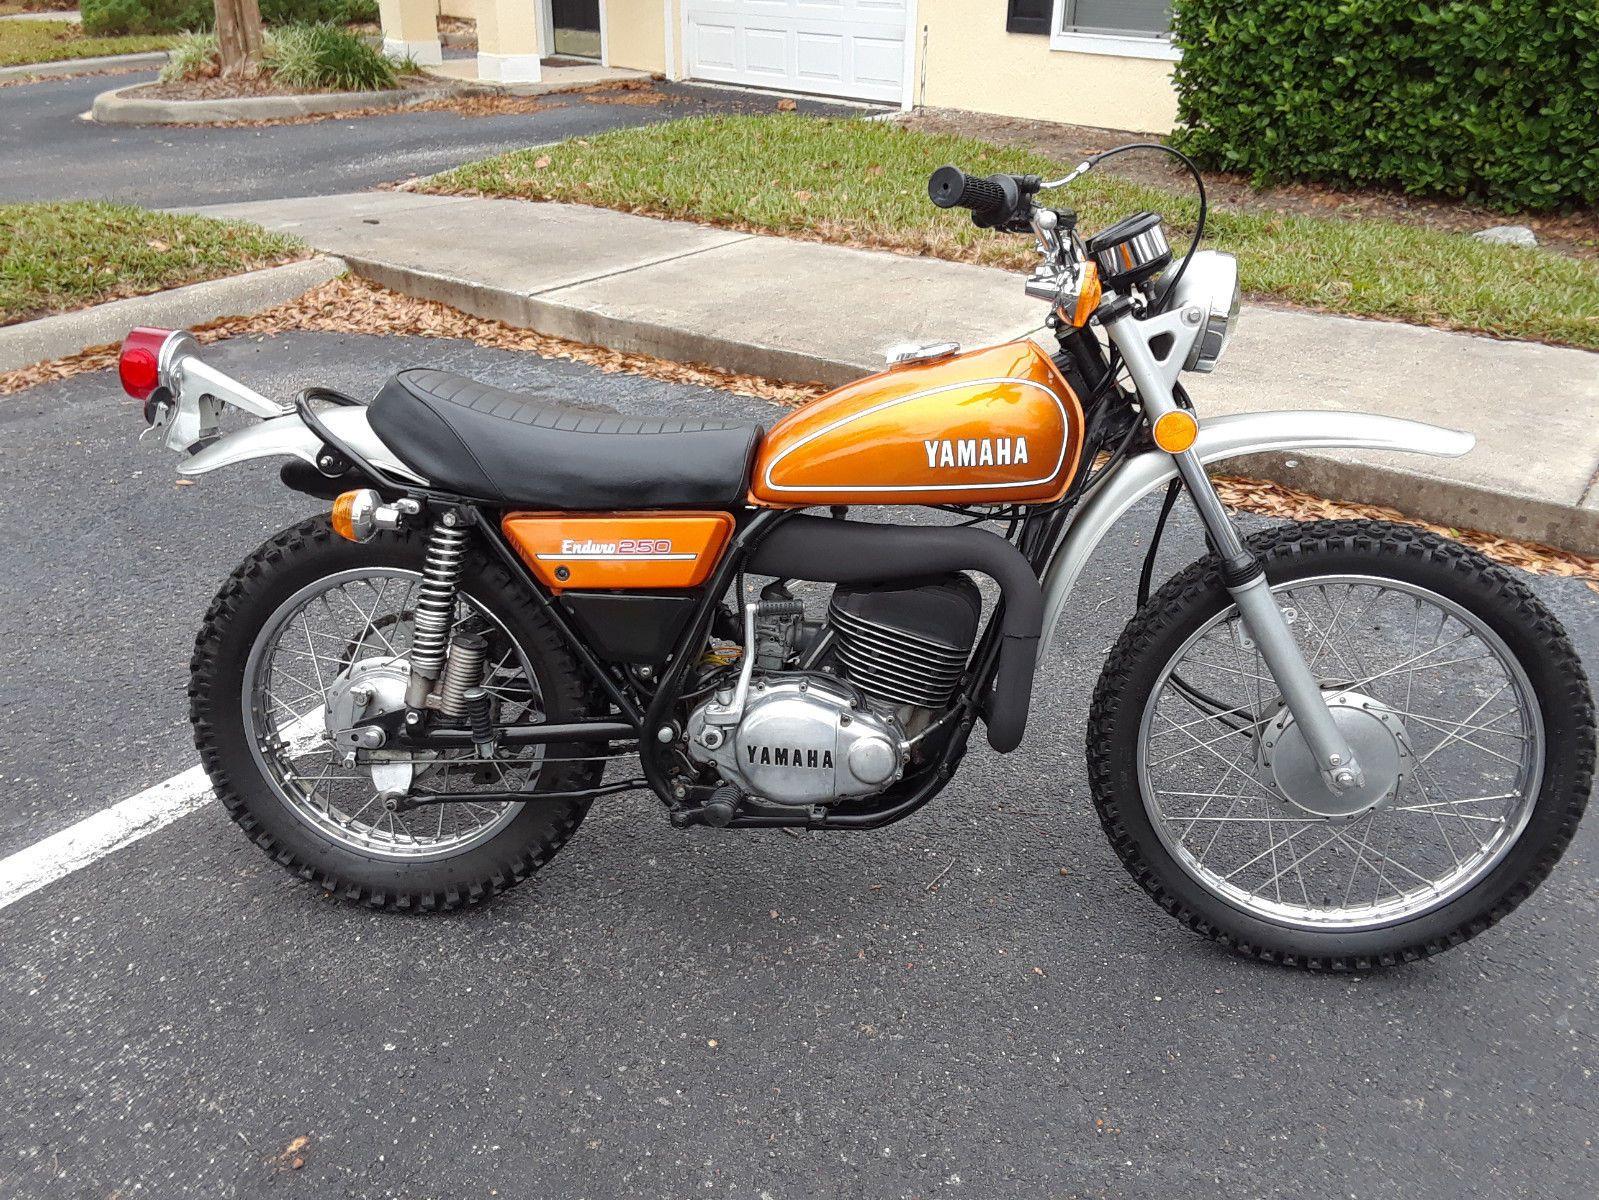 1974 Yamaha Dt250 Ebay Enduro Motorcycle Dirt Motorcycle Yamaha Bikes